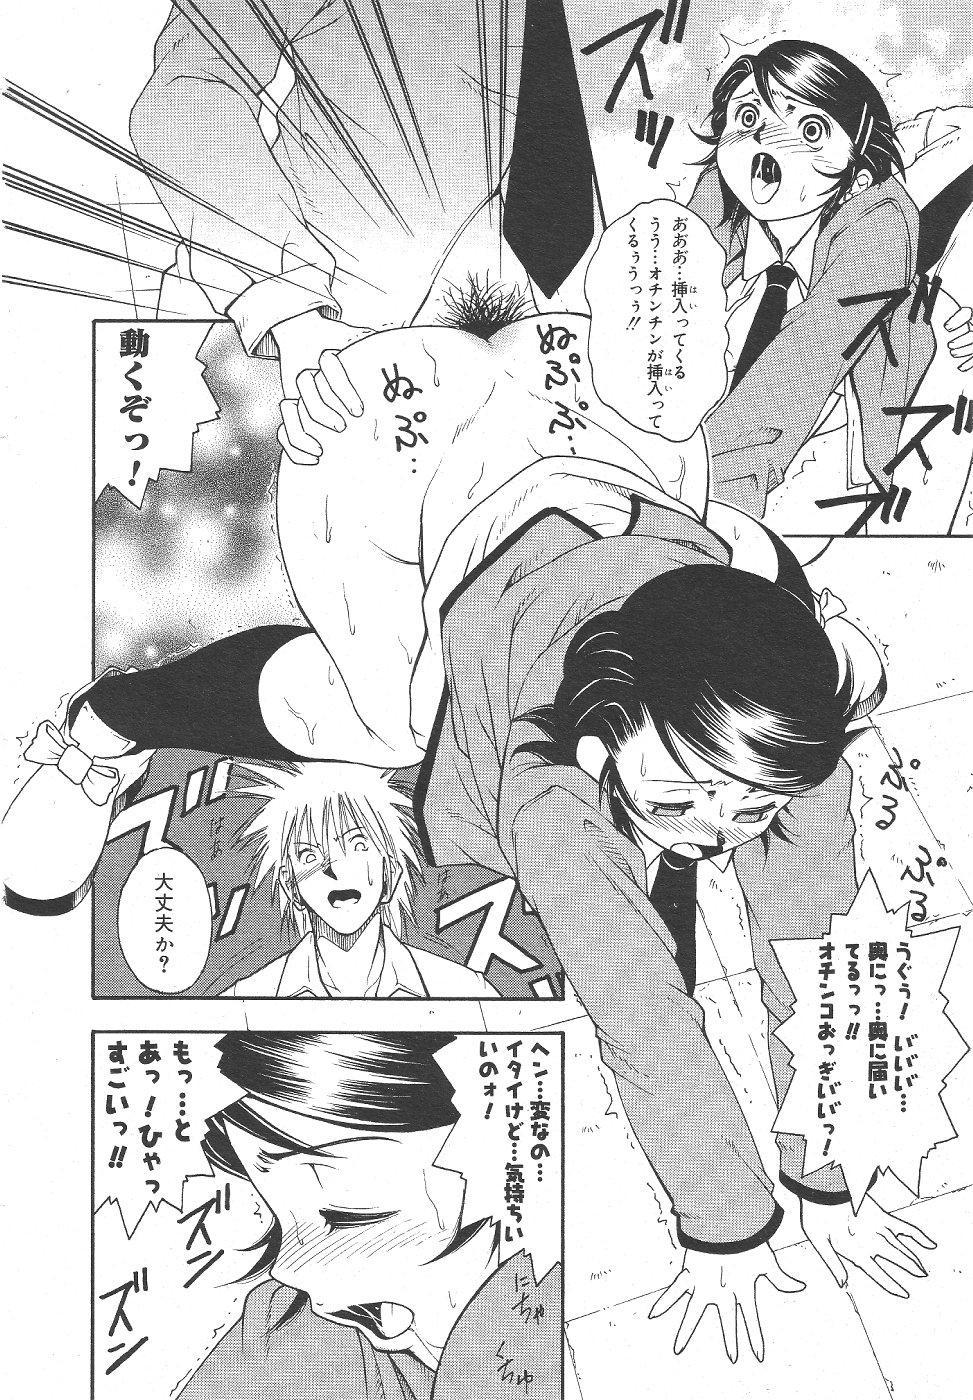 Gekkan Comic Muga 2004-06 Vol.10 27